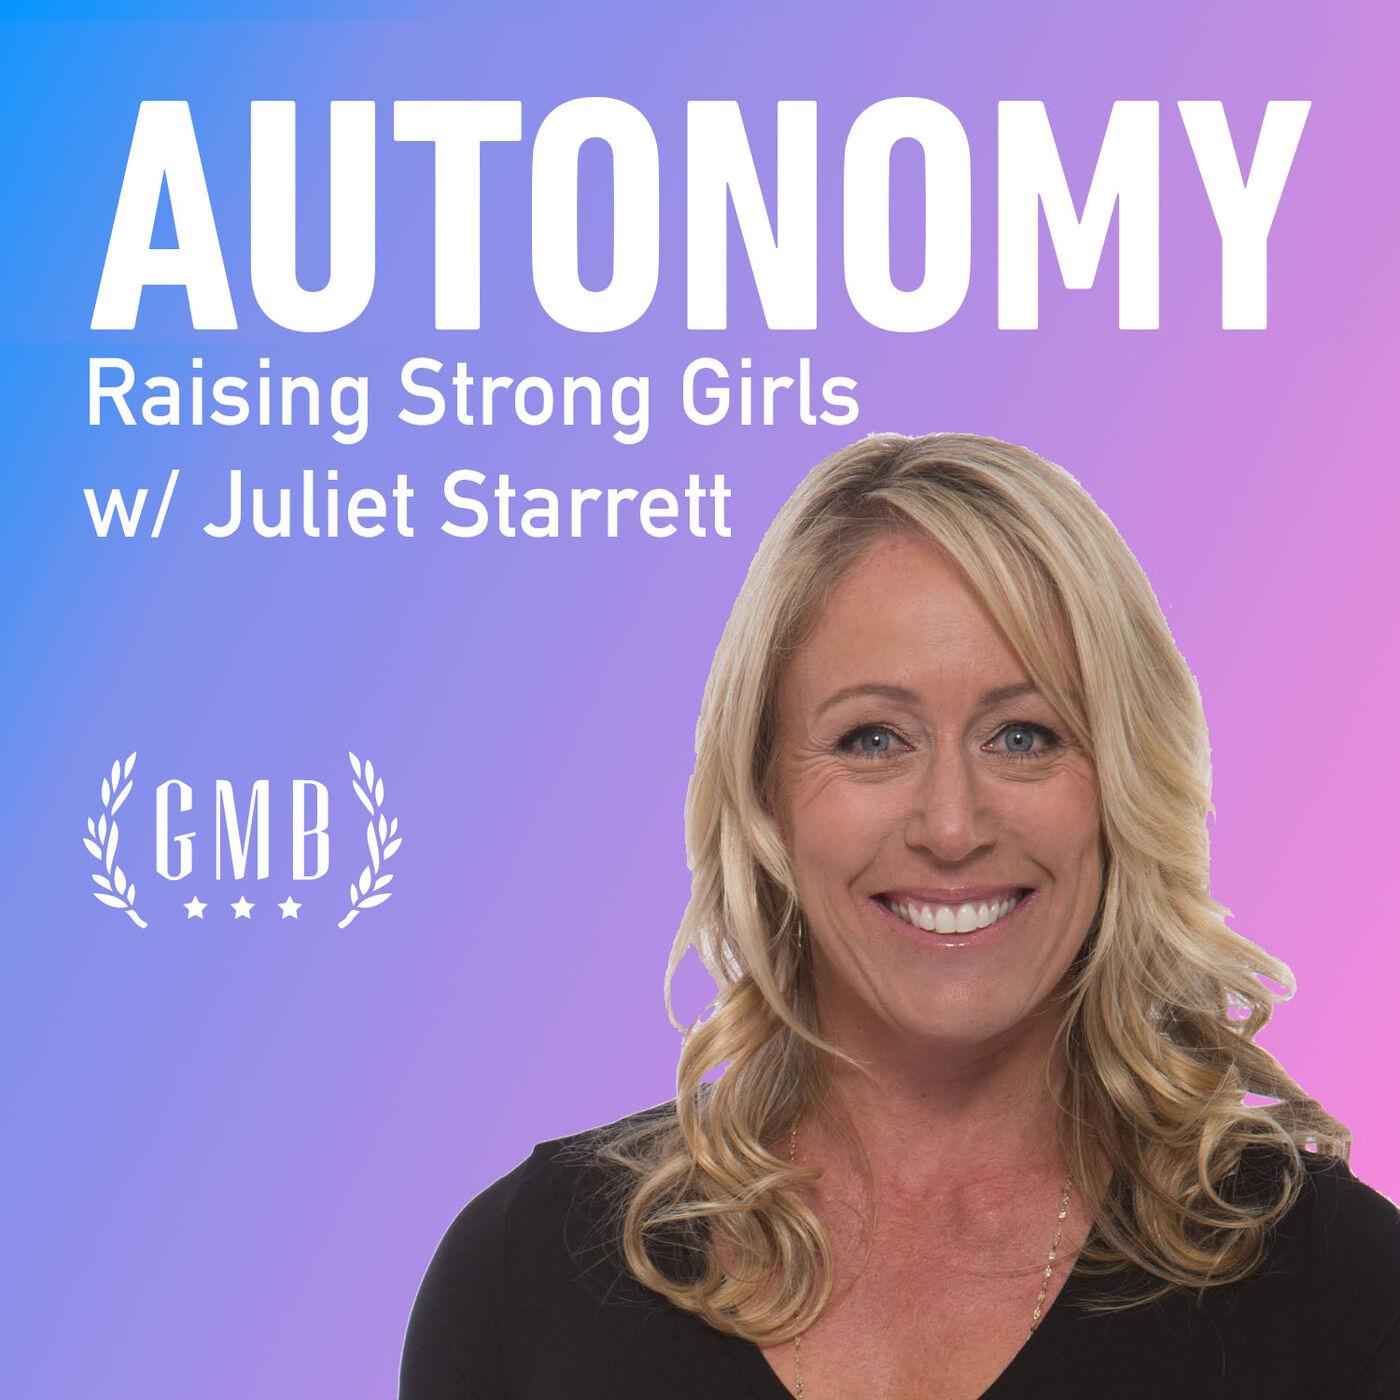 Raising Strong Girls, Part 1 (Juliet Starrett)